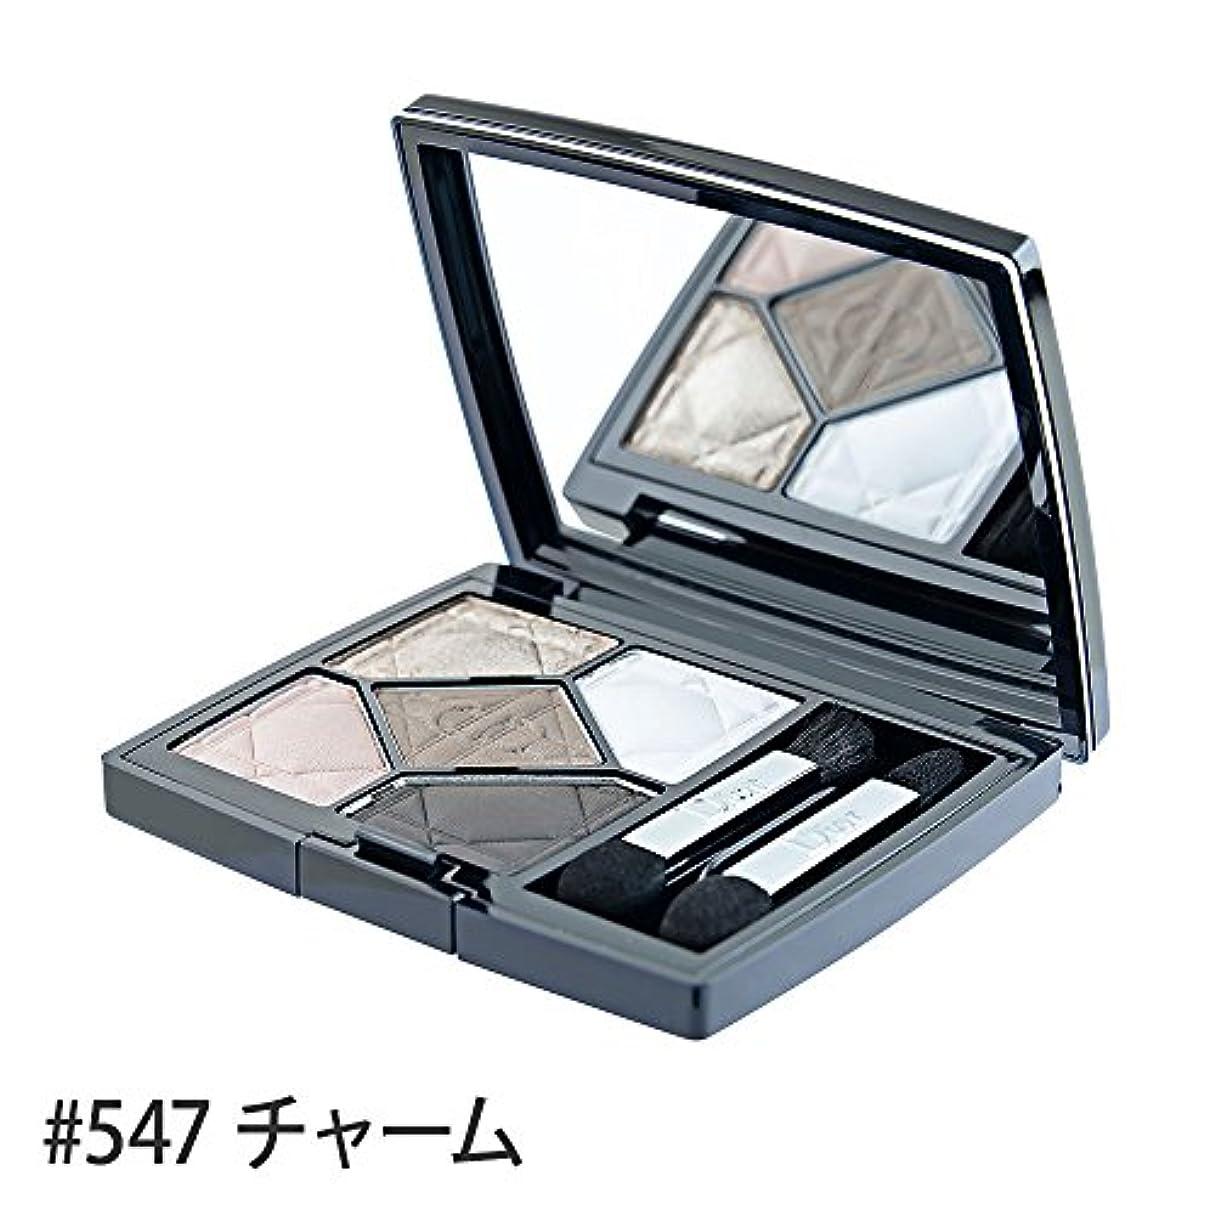 再開期間俳優ディオール(Dior) サンク クルール #547(チャーム) 6g [並行輸入品]